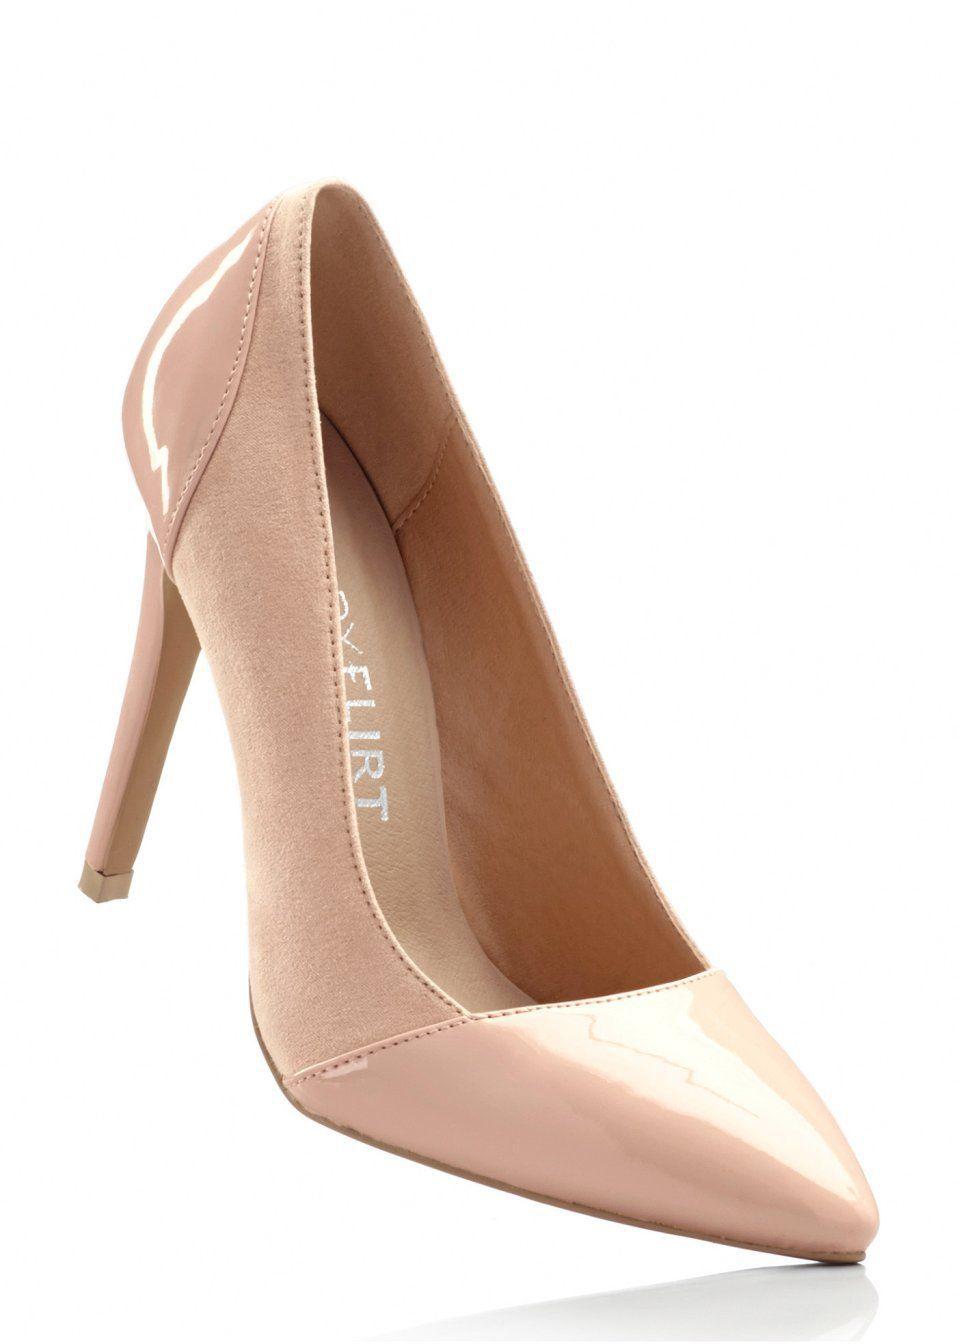 Czolenka Heels Pumps Shoes